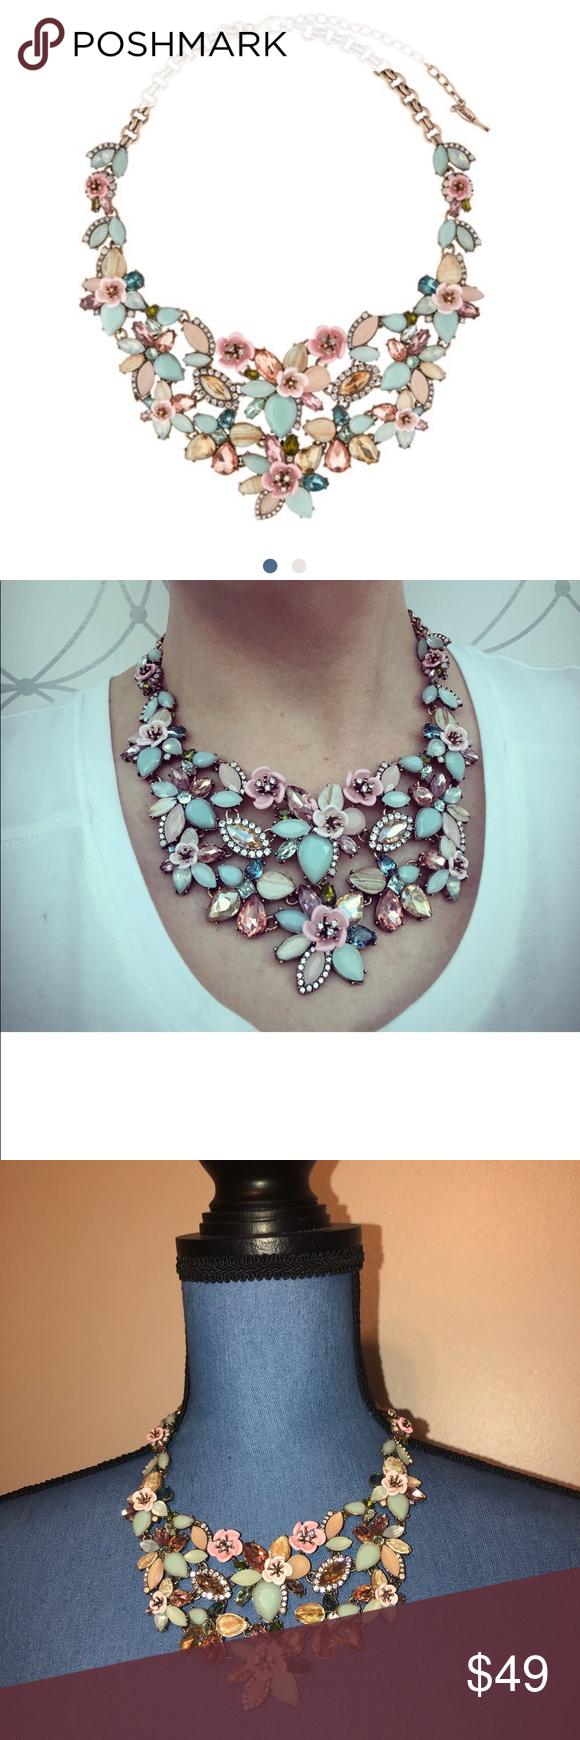 Chloe and Isabel Femme Des Fleurs necklace Excellent used ...